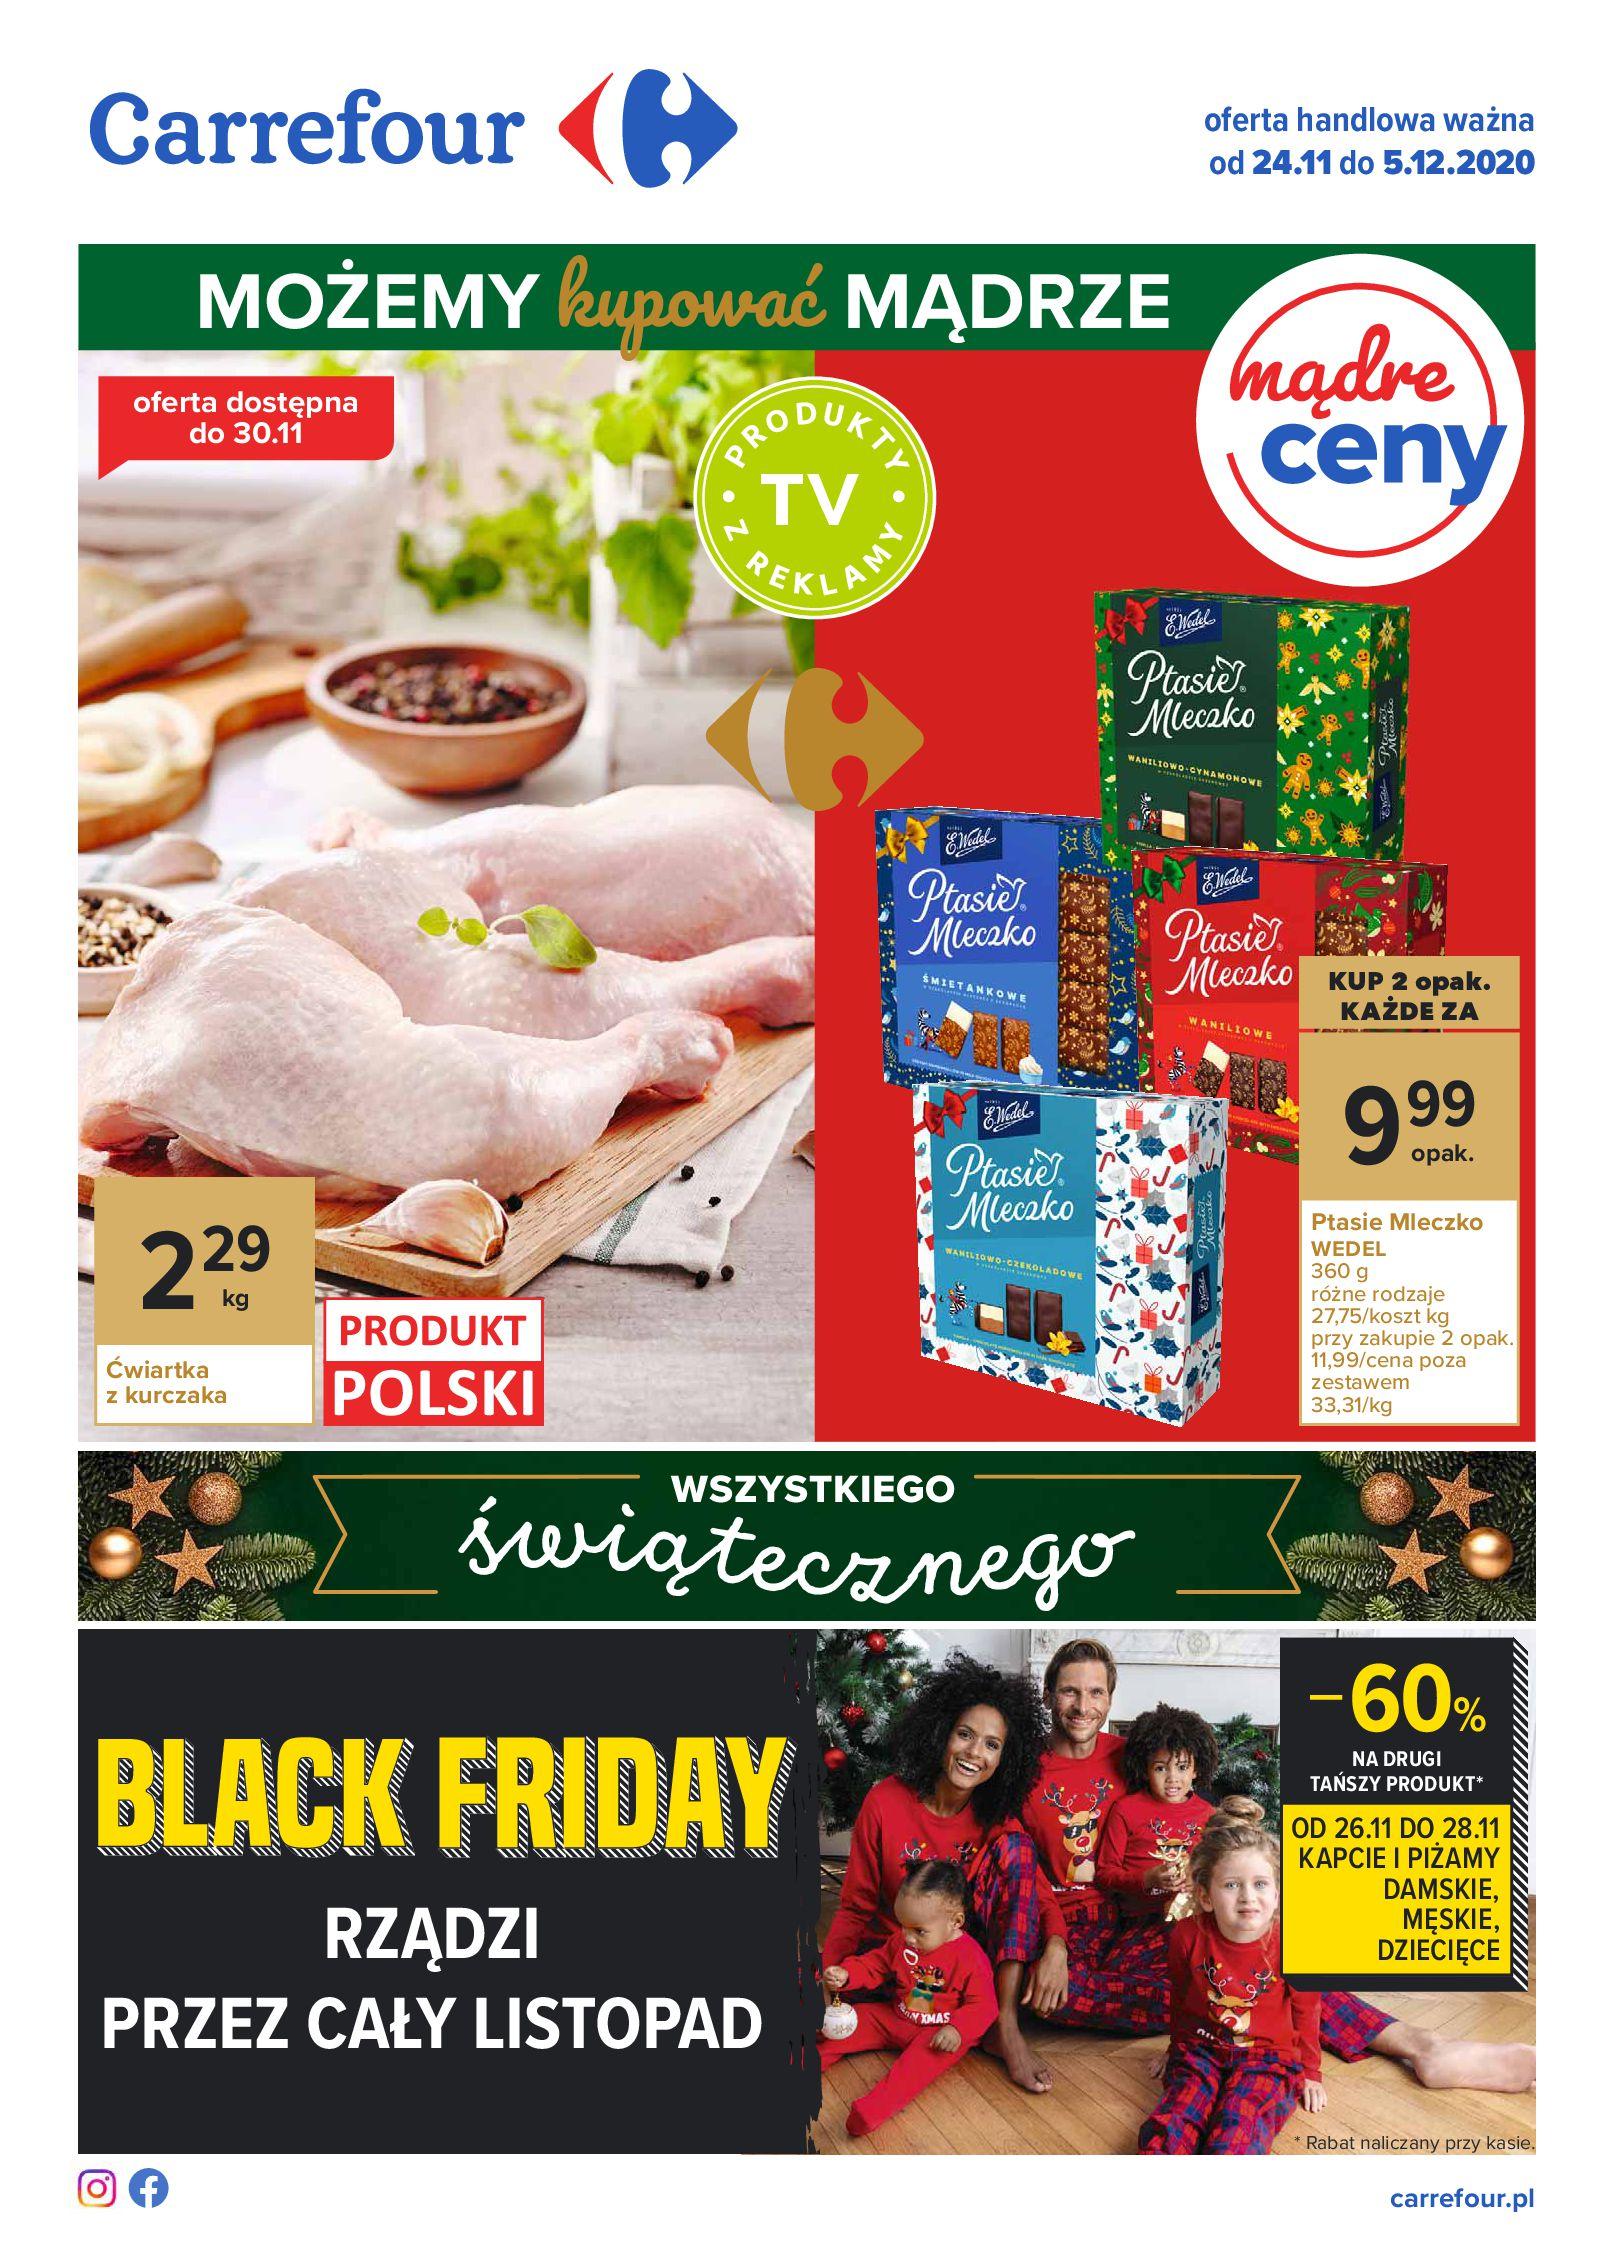 Carrefour:  Oferta handlowa od 24.11 23.11.2020